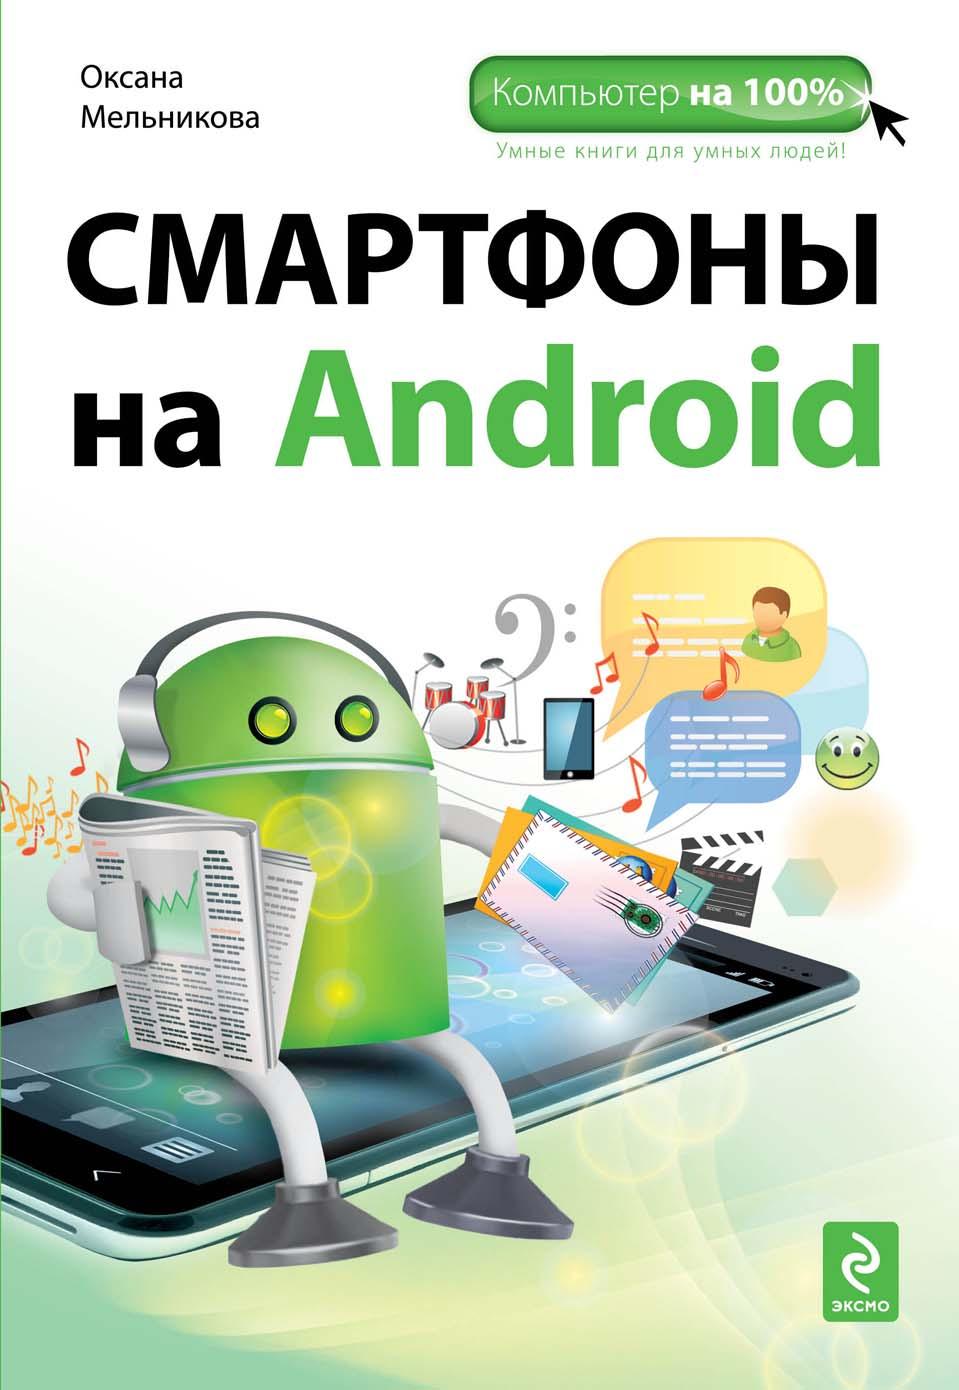 Оксана Мельникова Смартфоны на Android